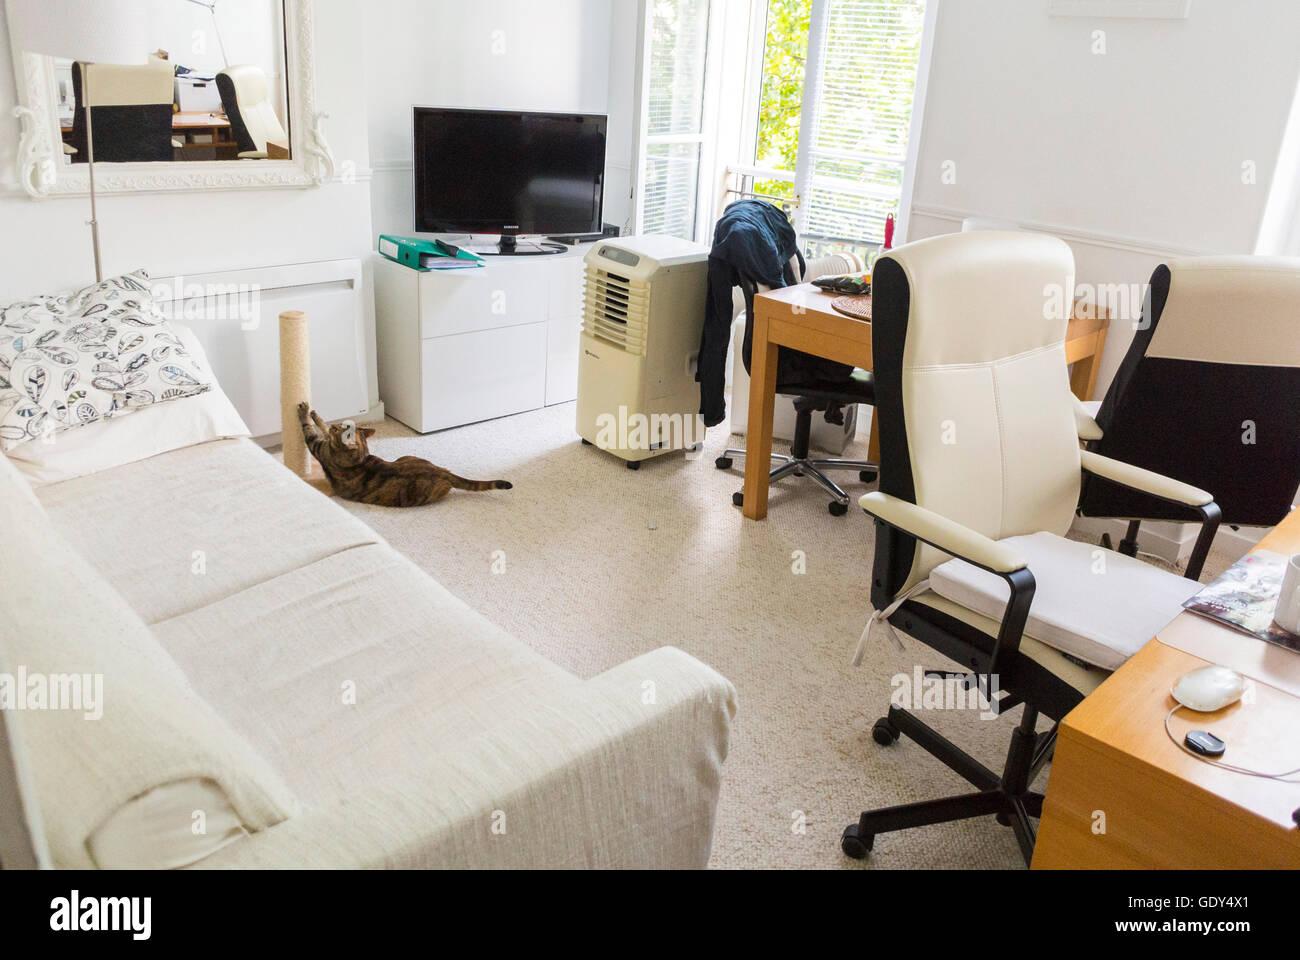 Paris, Frankreich, Modernen Städtischen Wohnung, Weiße Zeitgenössisches  Design Interiors, Ikea Möbel, Home Office, Couch Im Wohnzimmer